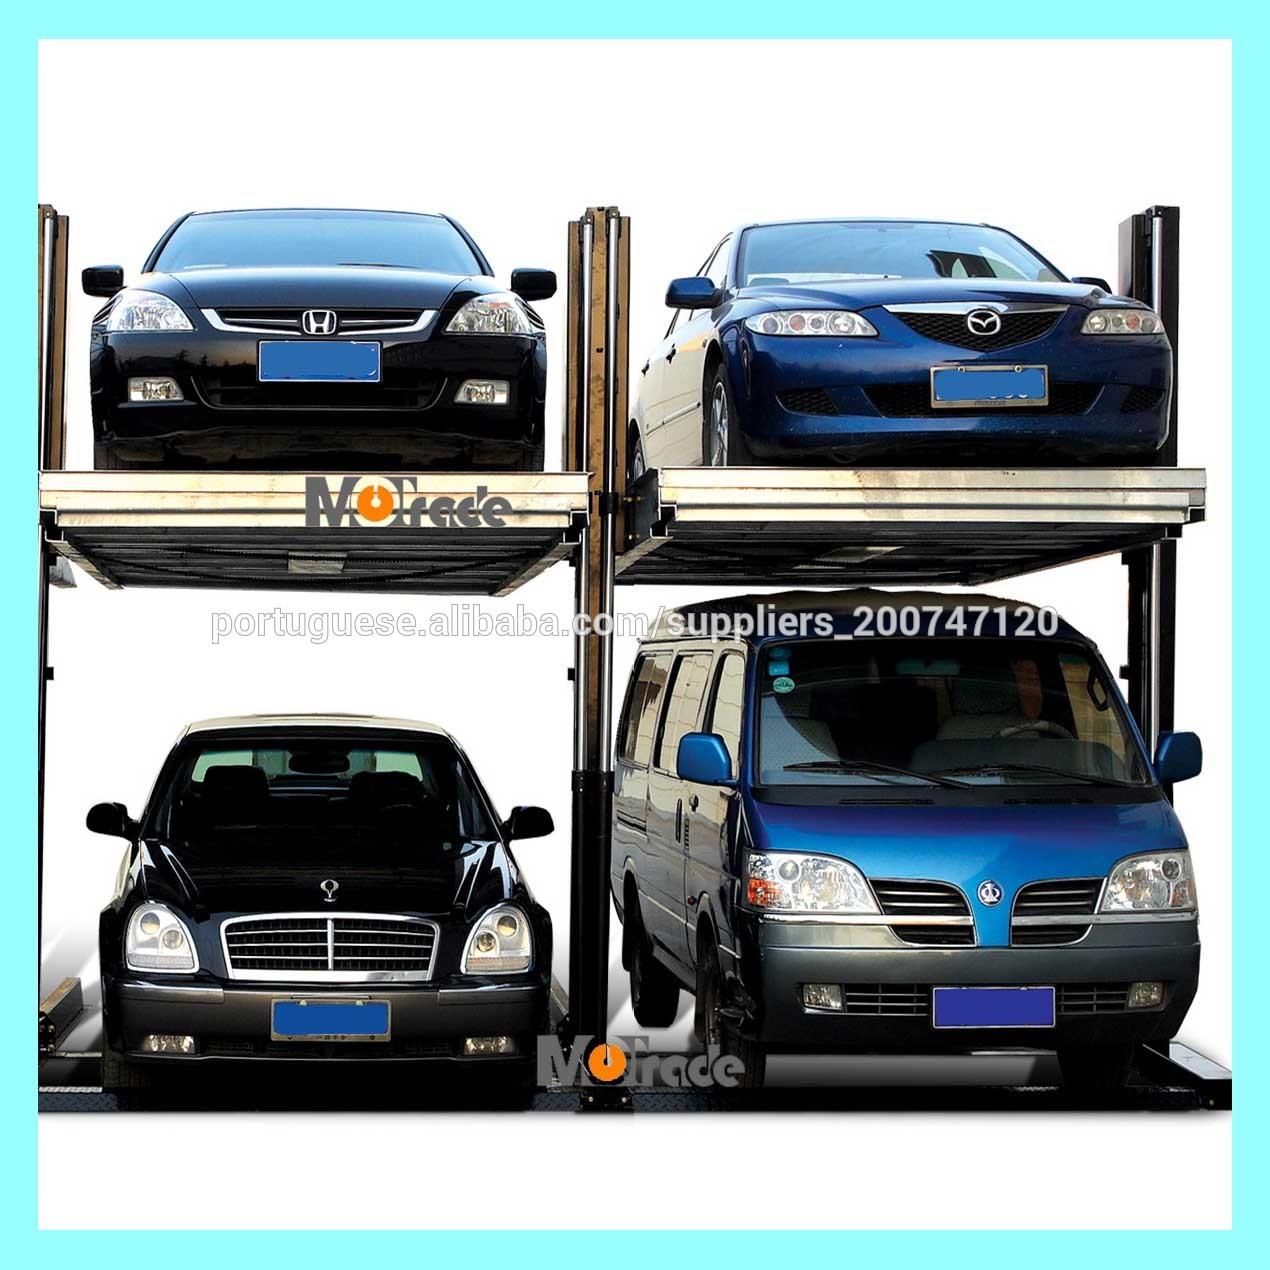 Elevador Hidr Ulico Do Carro Tpp2 Elevador De Carro